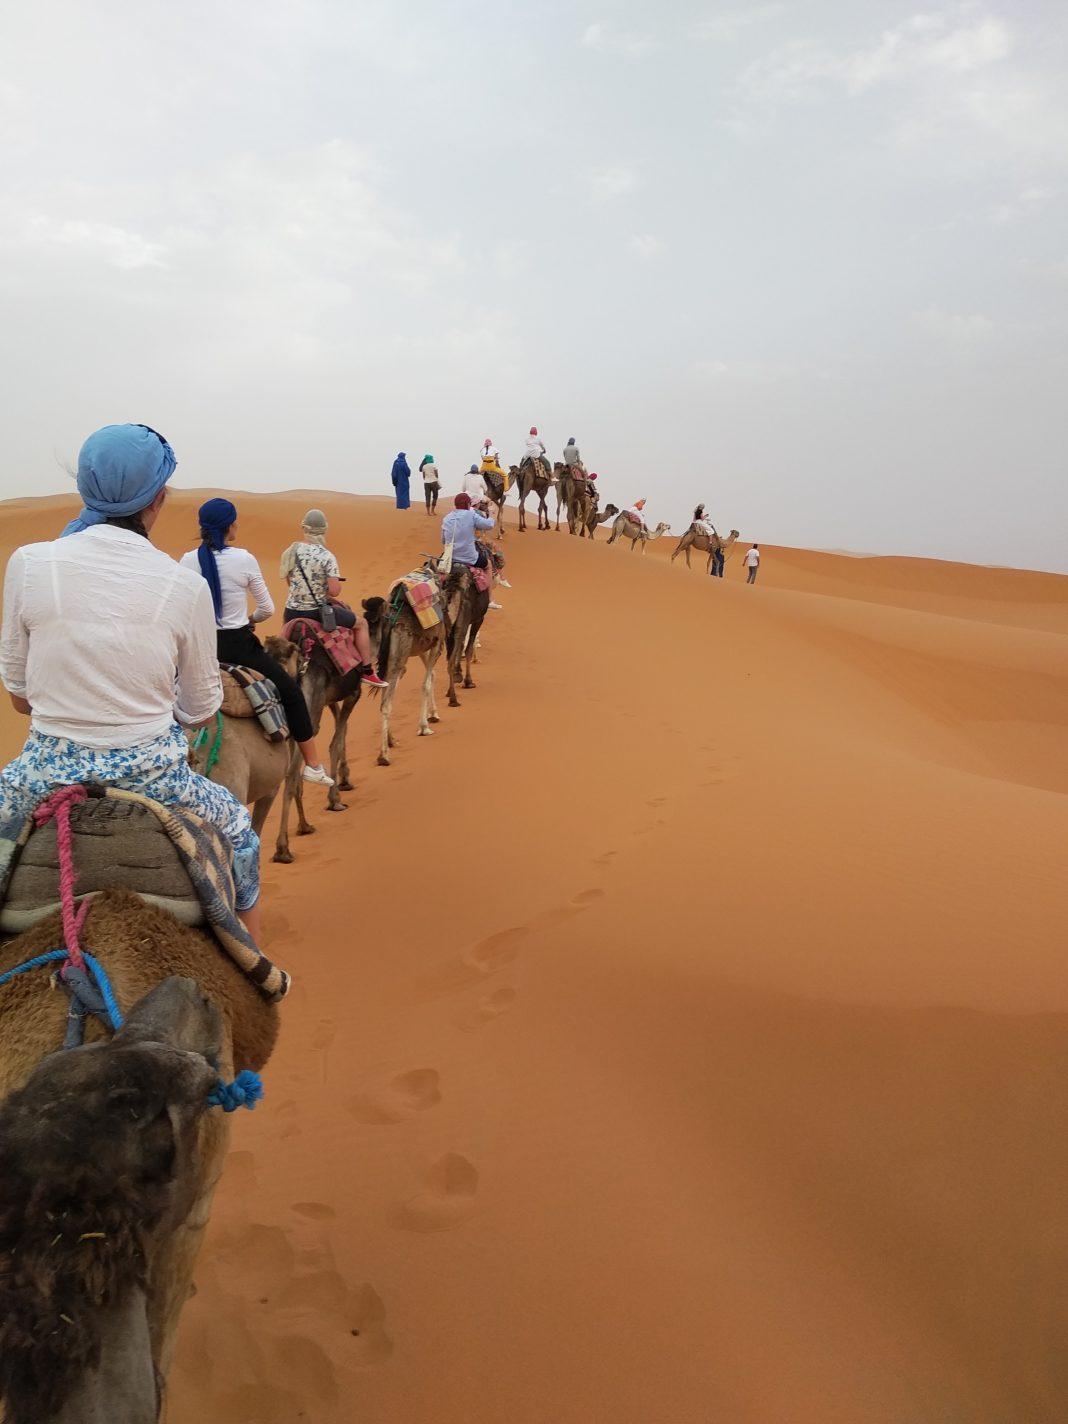 In karavaan hobbelden we een stukje de woestijn in